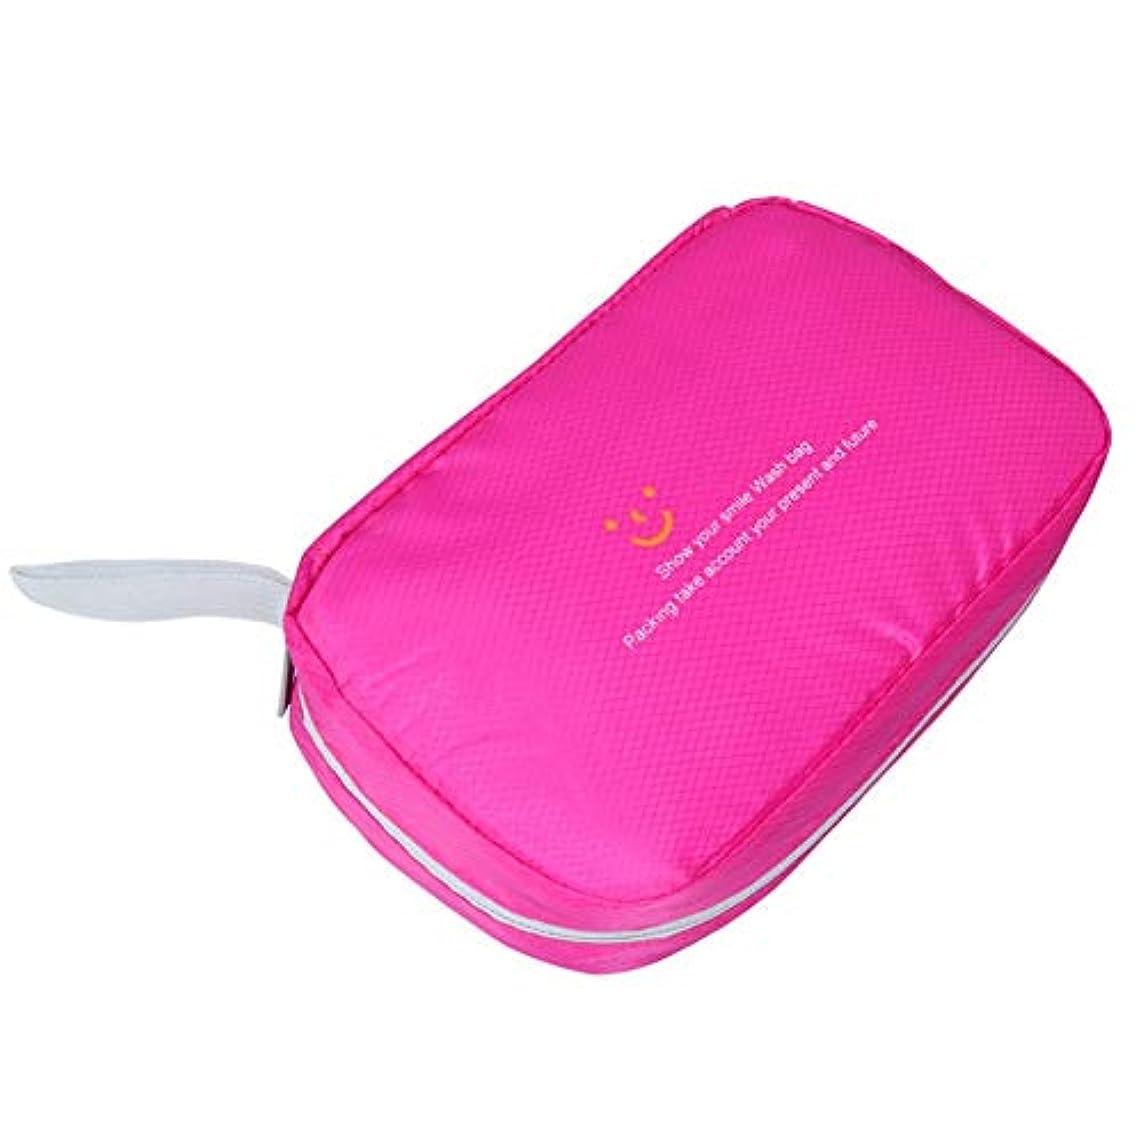 熟読する続けるラベル特大スペース収納ビューティーボックス 美の構造のためそしてジッパーおよび折る皿が付いている女の子の女性旅行そして毎日の貯蔵のための高容量の携帯用化粧品袋 化粧品化粧台 (色 : ピンク)